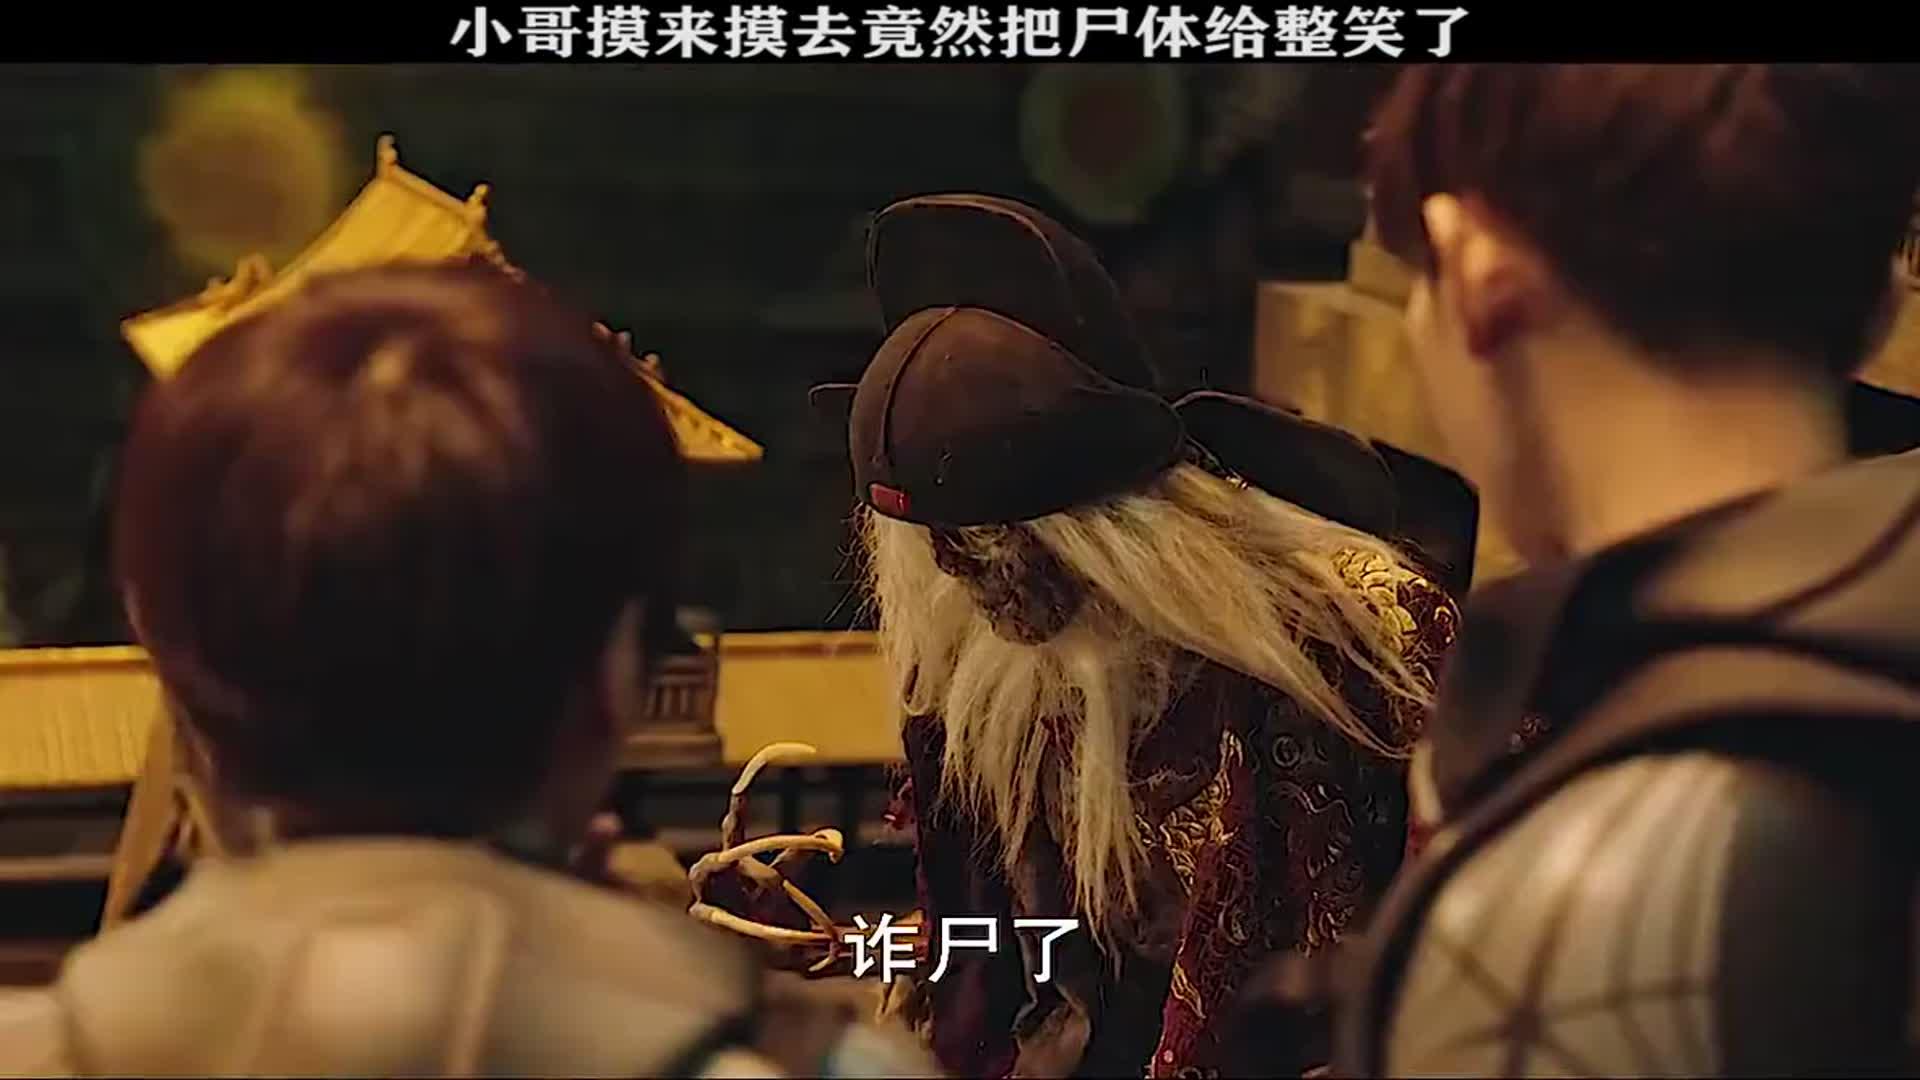 影视:老头:小哥你别闹,我忍不住了